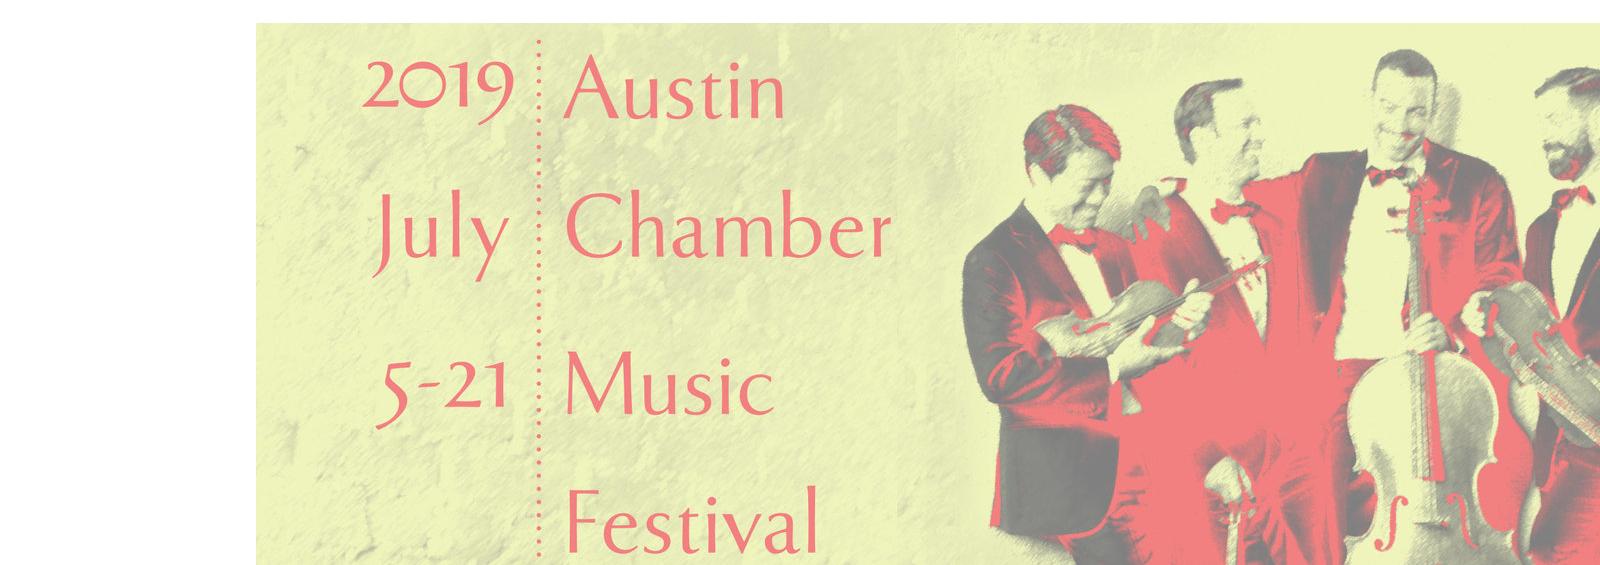 2019 austin chamber music festival poster